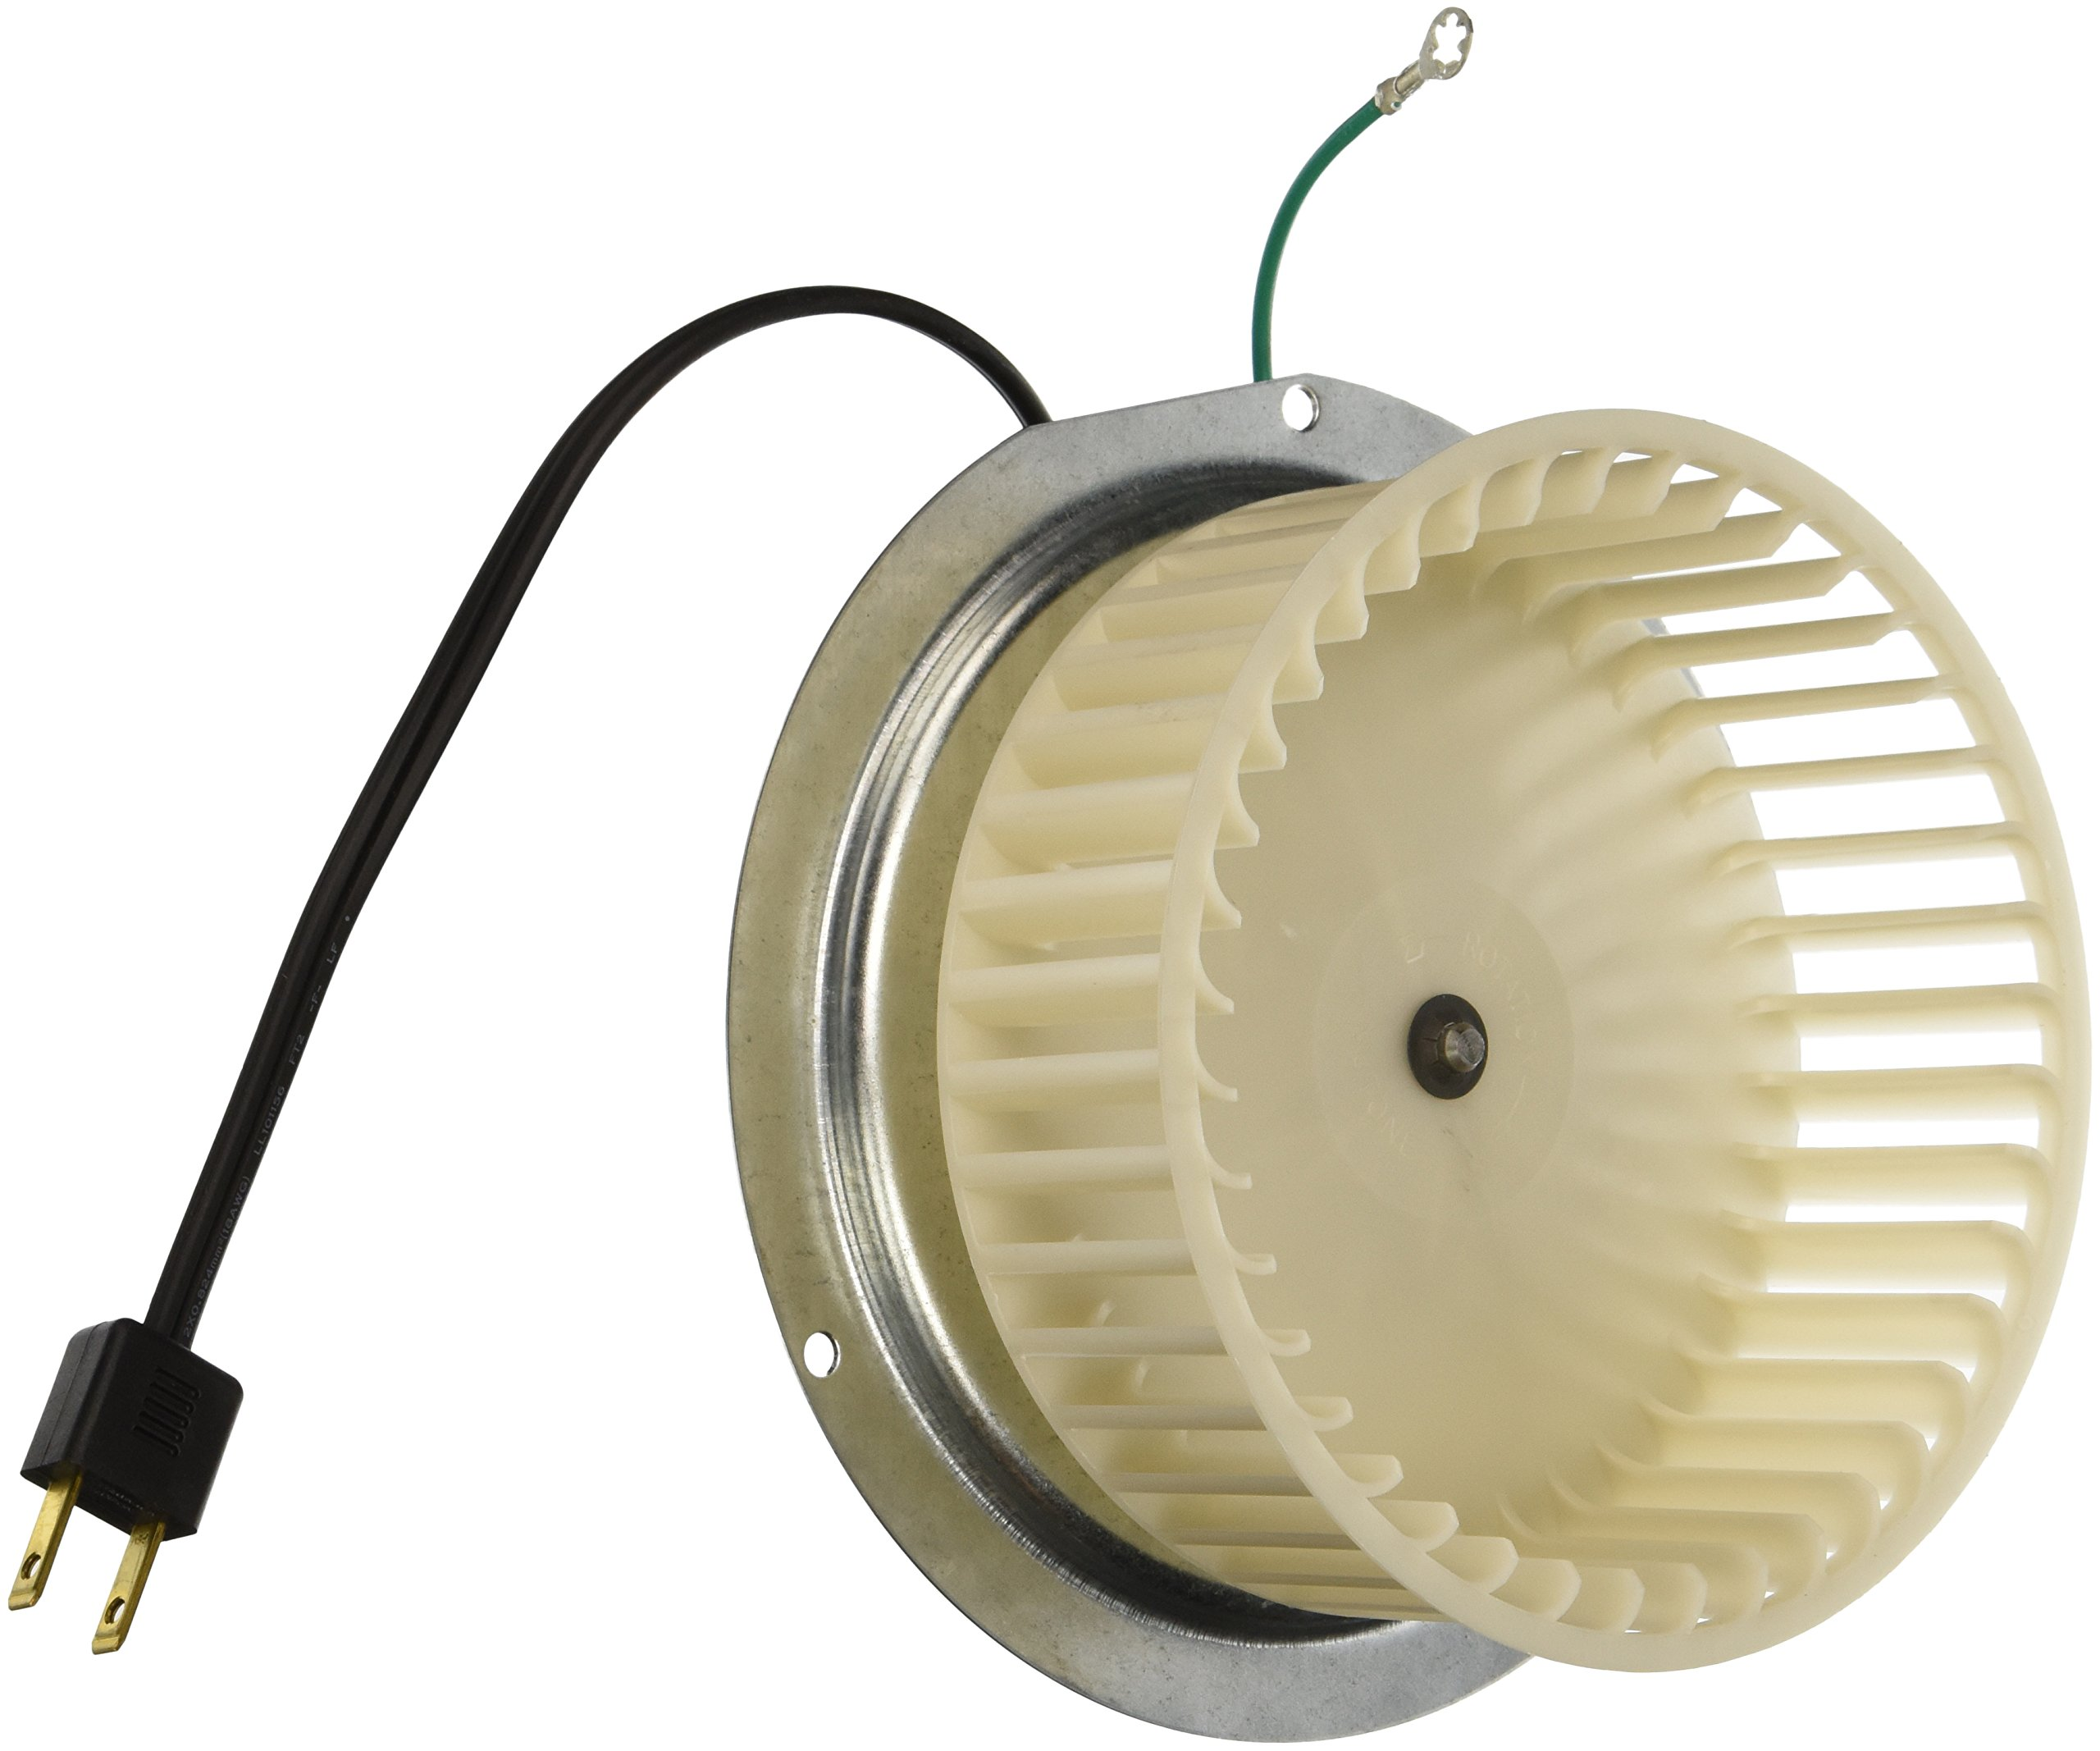 Nutone S0696B000 Power Unit by Nutone